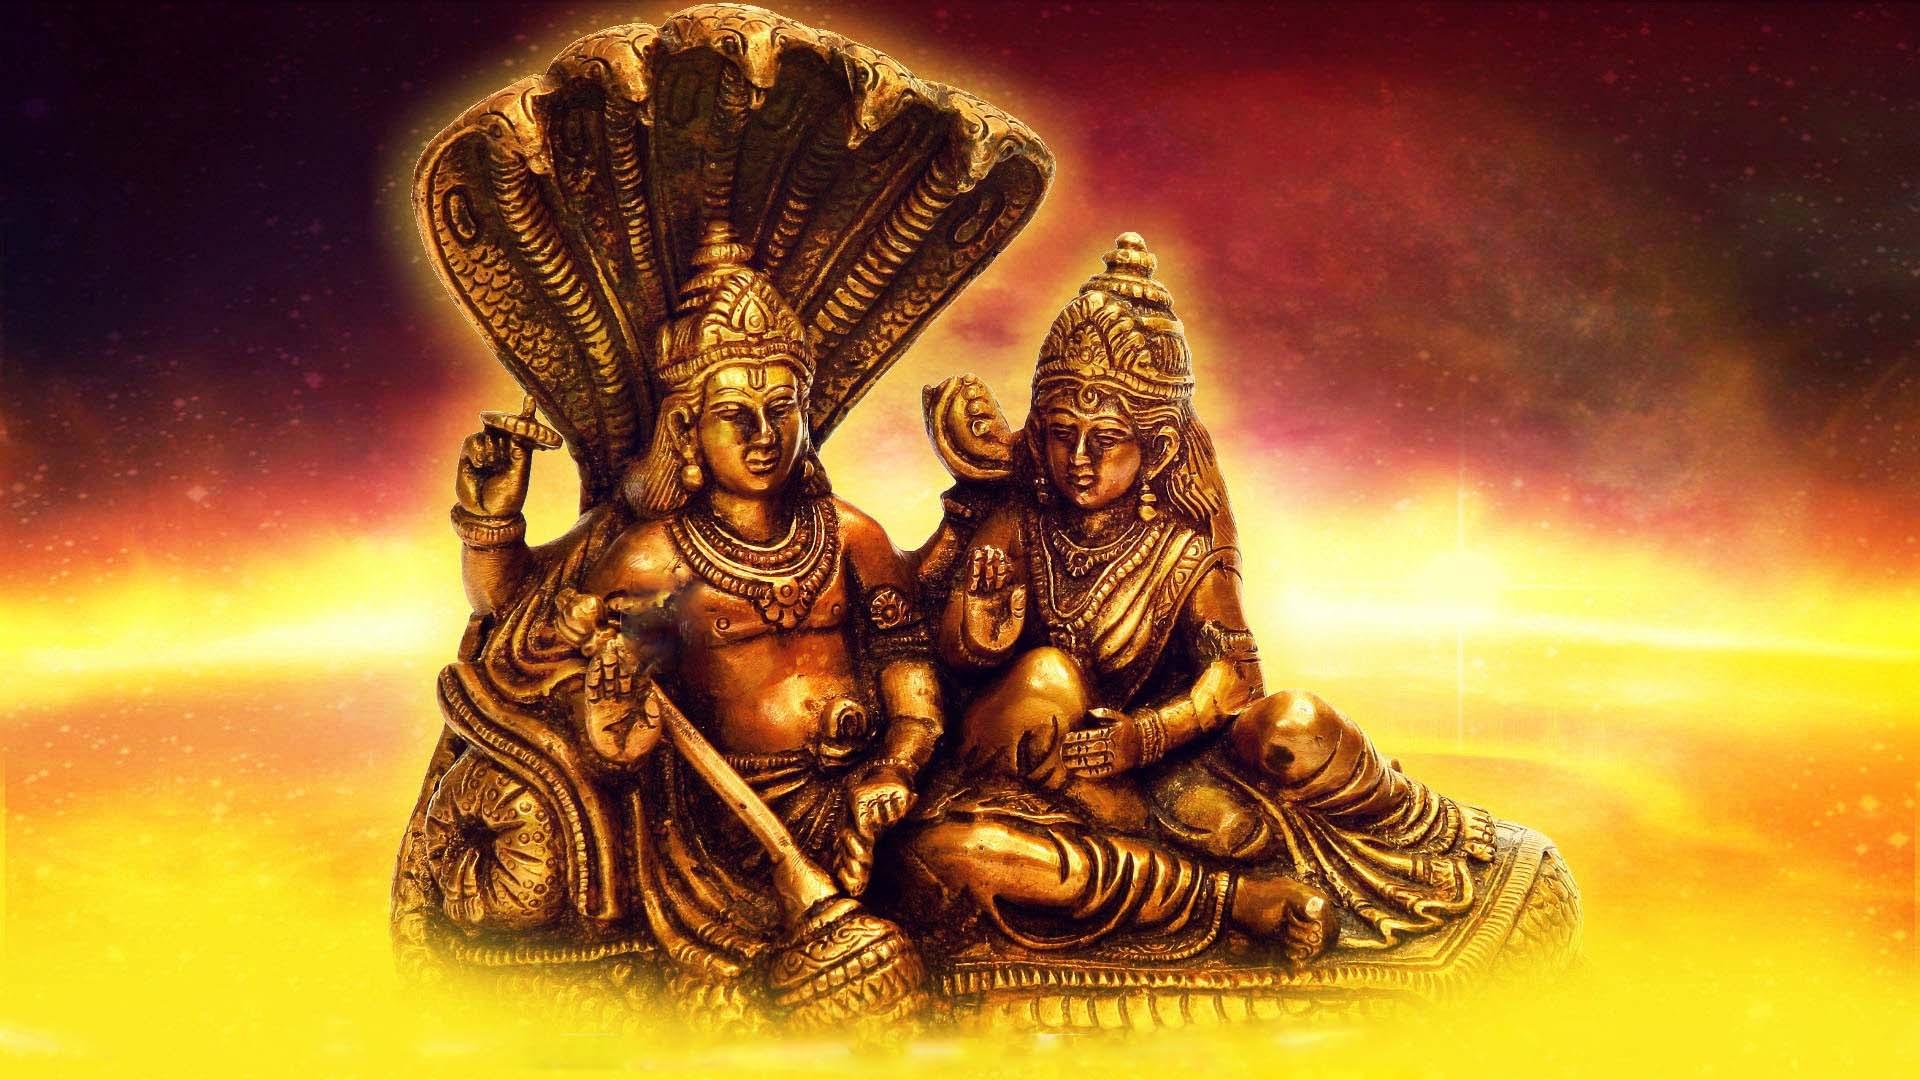 Lord Vishnu Hd Wallpaper